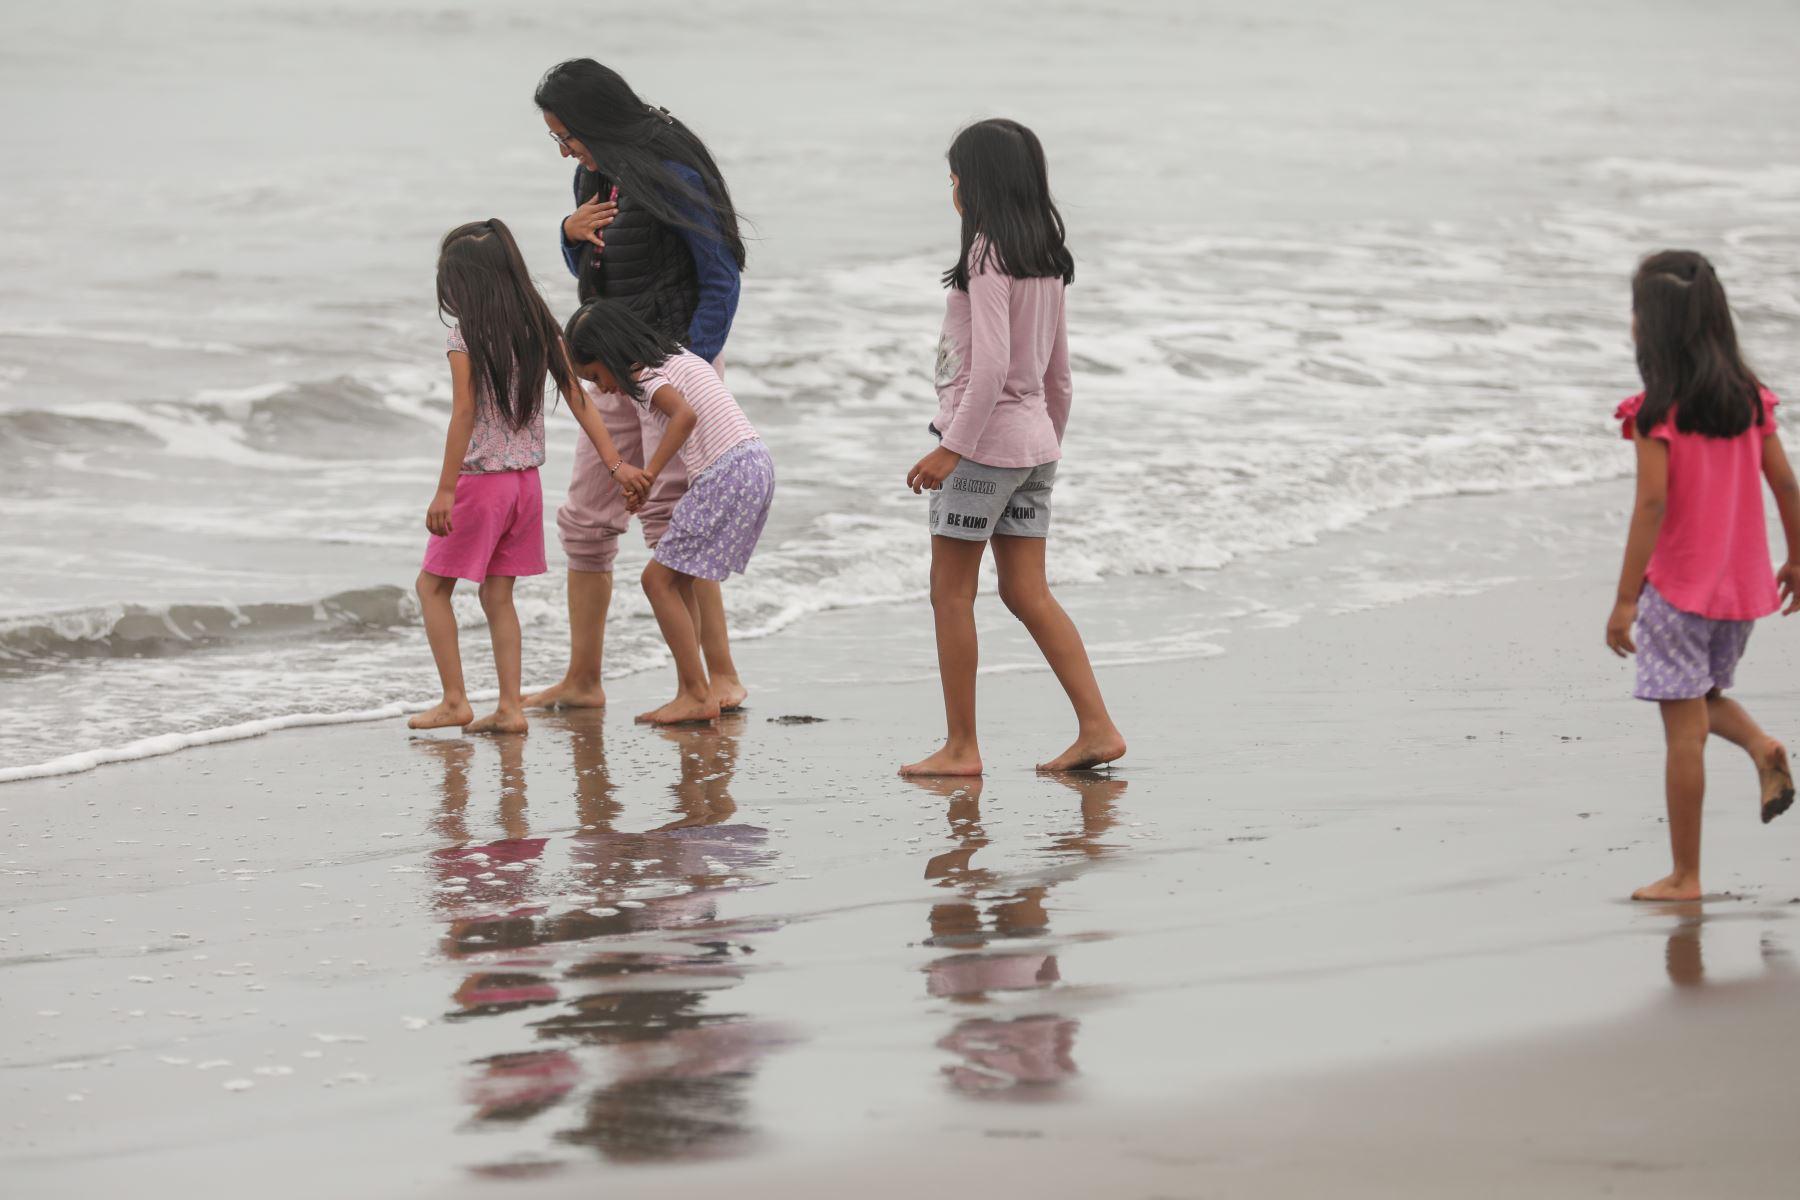 El uso de playas estará permitido en todas las provincias del litoral peruano, si se encuentran en espacios de nivel moderado de alerta. Los bañistas deberán respetar las normas sanitarias del Ministerio de Salud para prevenir el contagio de la Covid-19. Foto: ANDINA/Andrés Valle